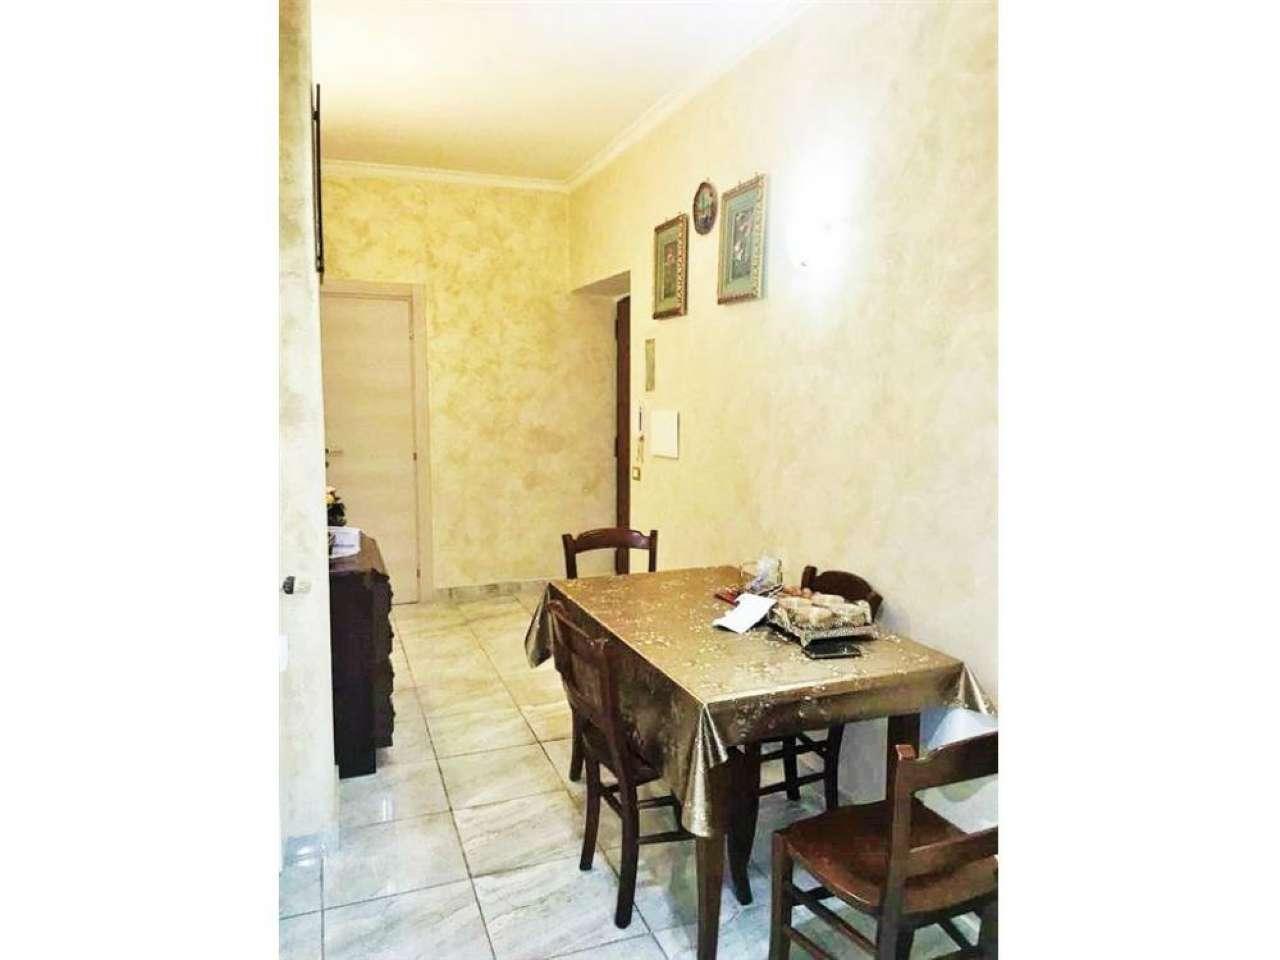 Appartamento in vendita a Roma, 4 locali, zona Zona: 11 . Centocelle, Alessandrino, Collatino, Prenestina, Villa Giordani, prezzo € 289.000 | CambioCasa.it